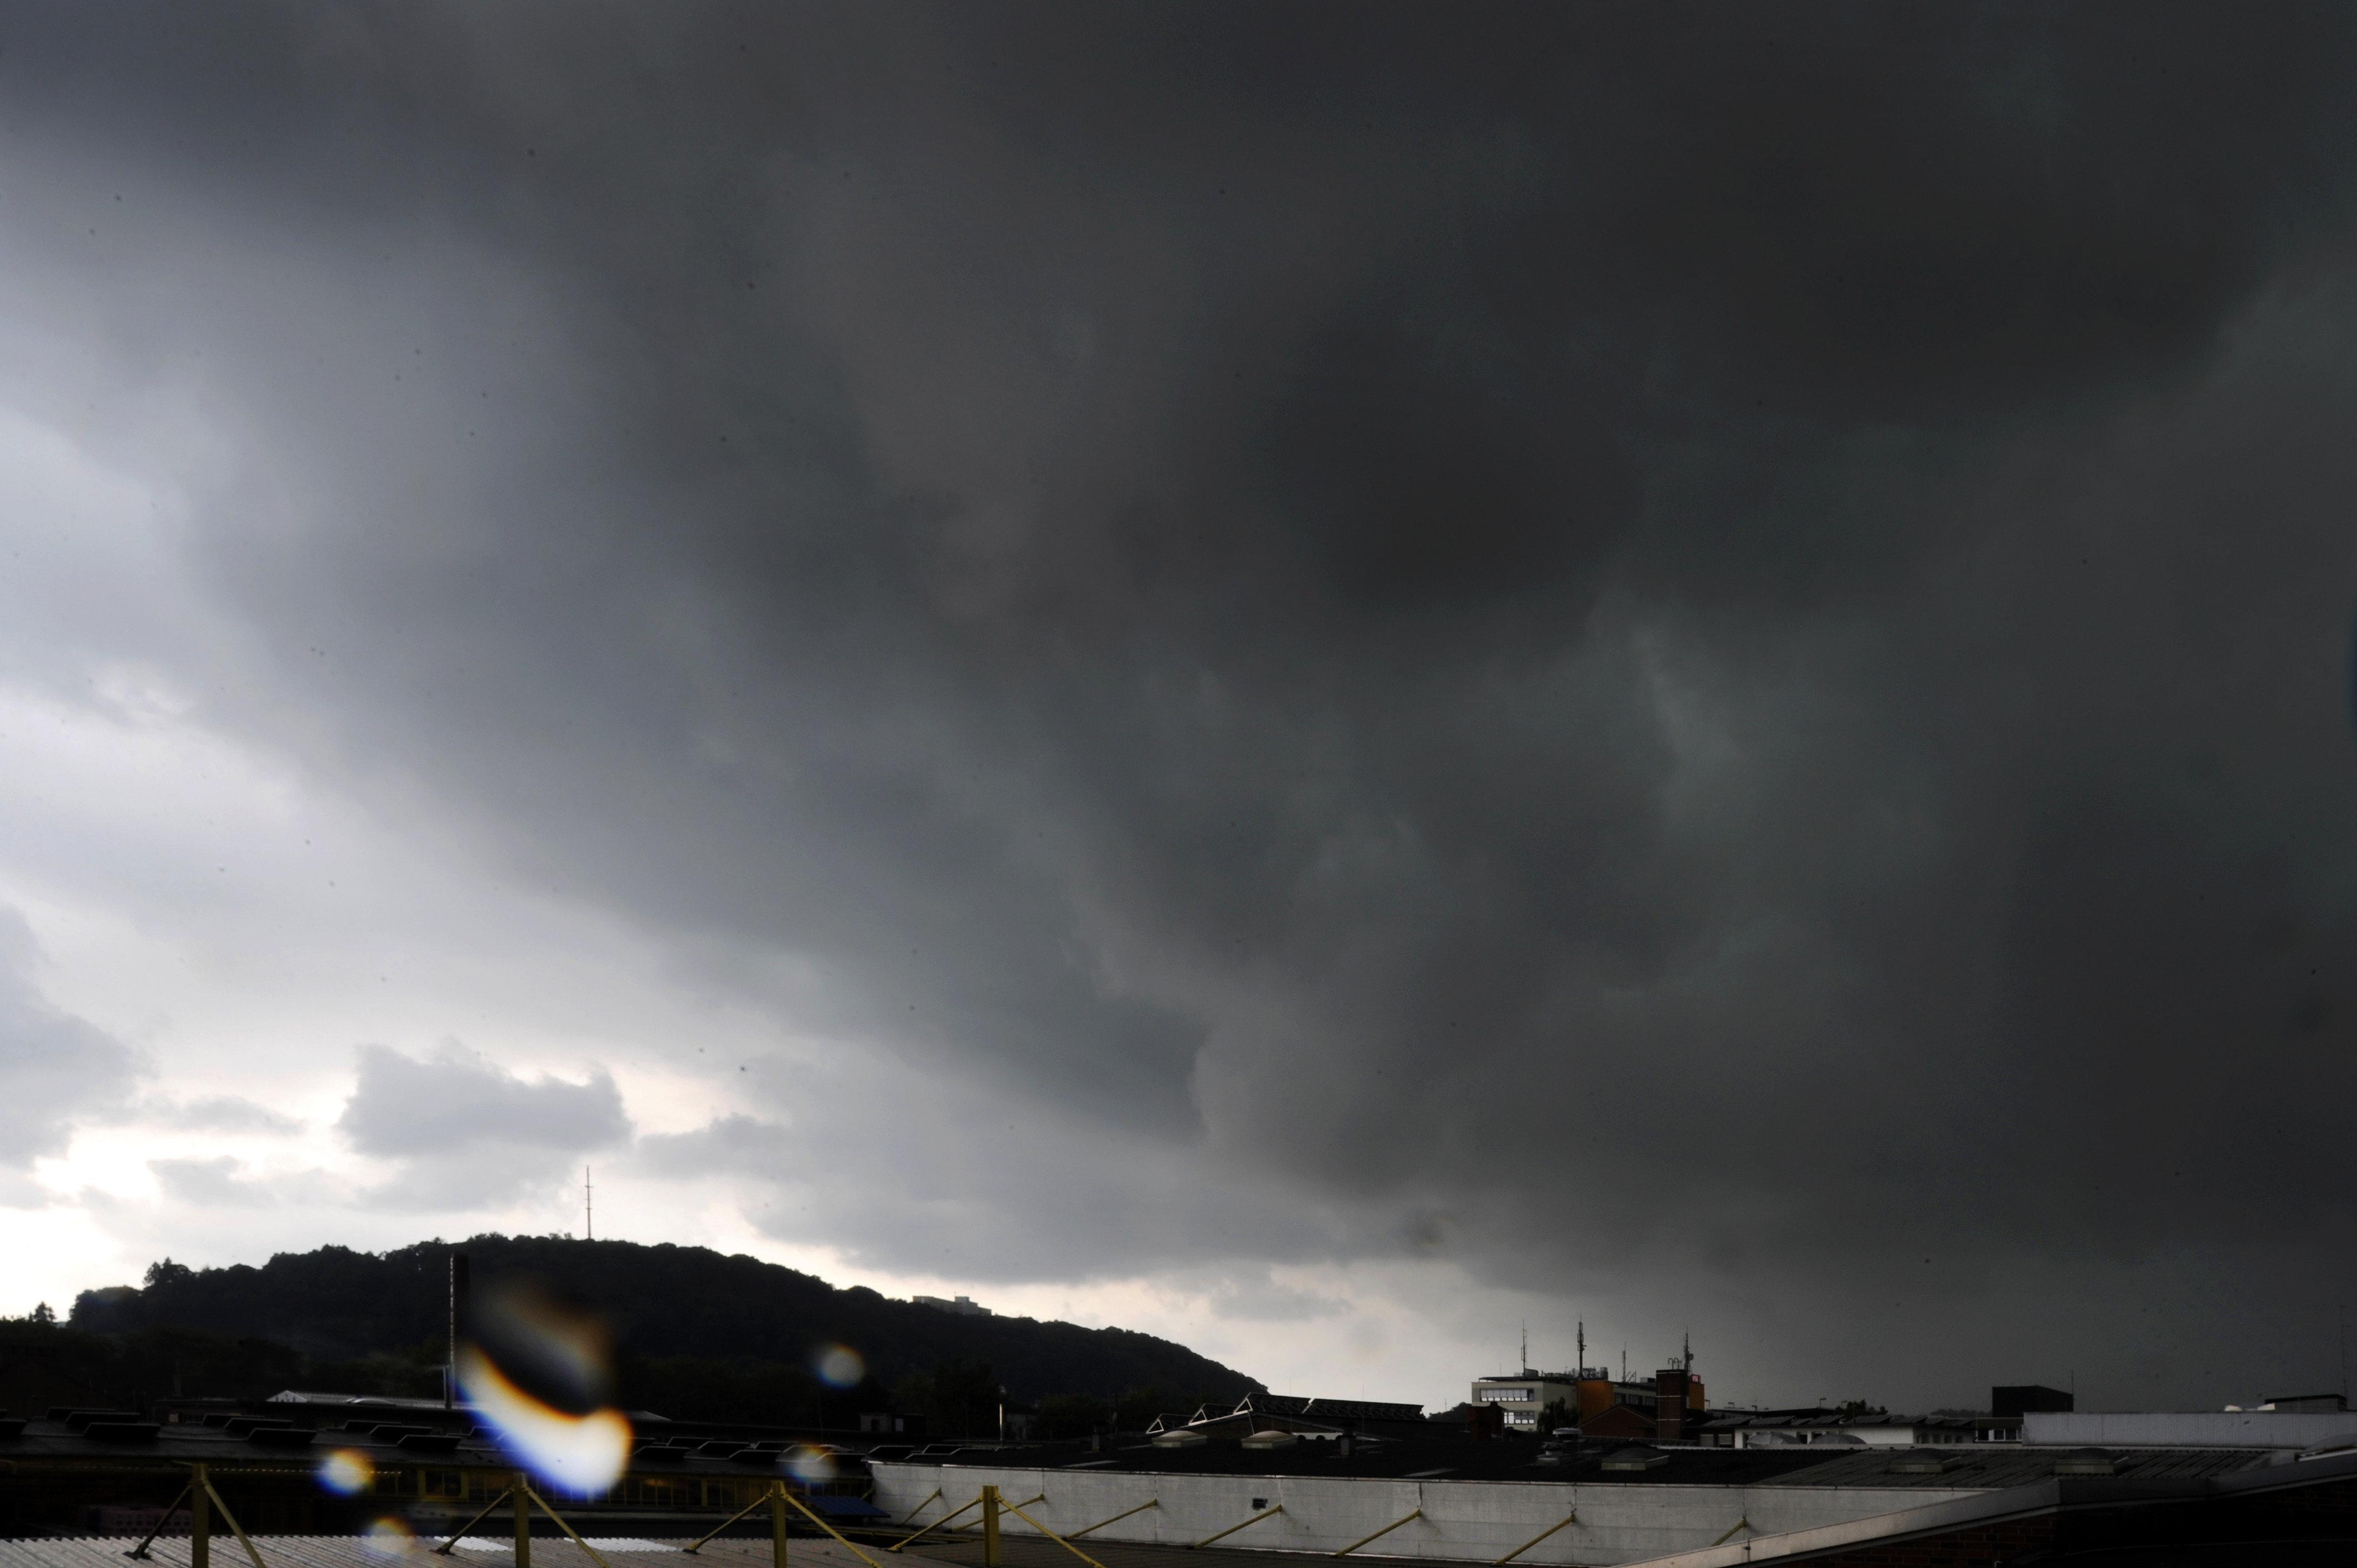 Nach brutaler Hitze: Hier drohen jetzt Unwetter mit Sturm, Hagel und Sturzfluten